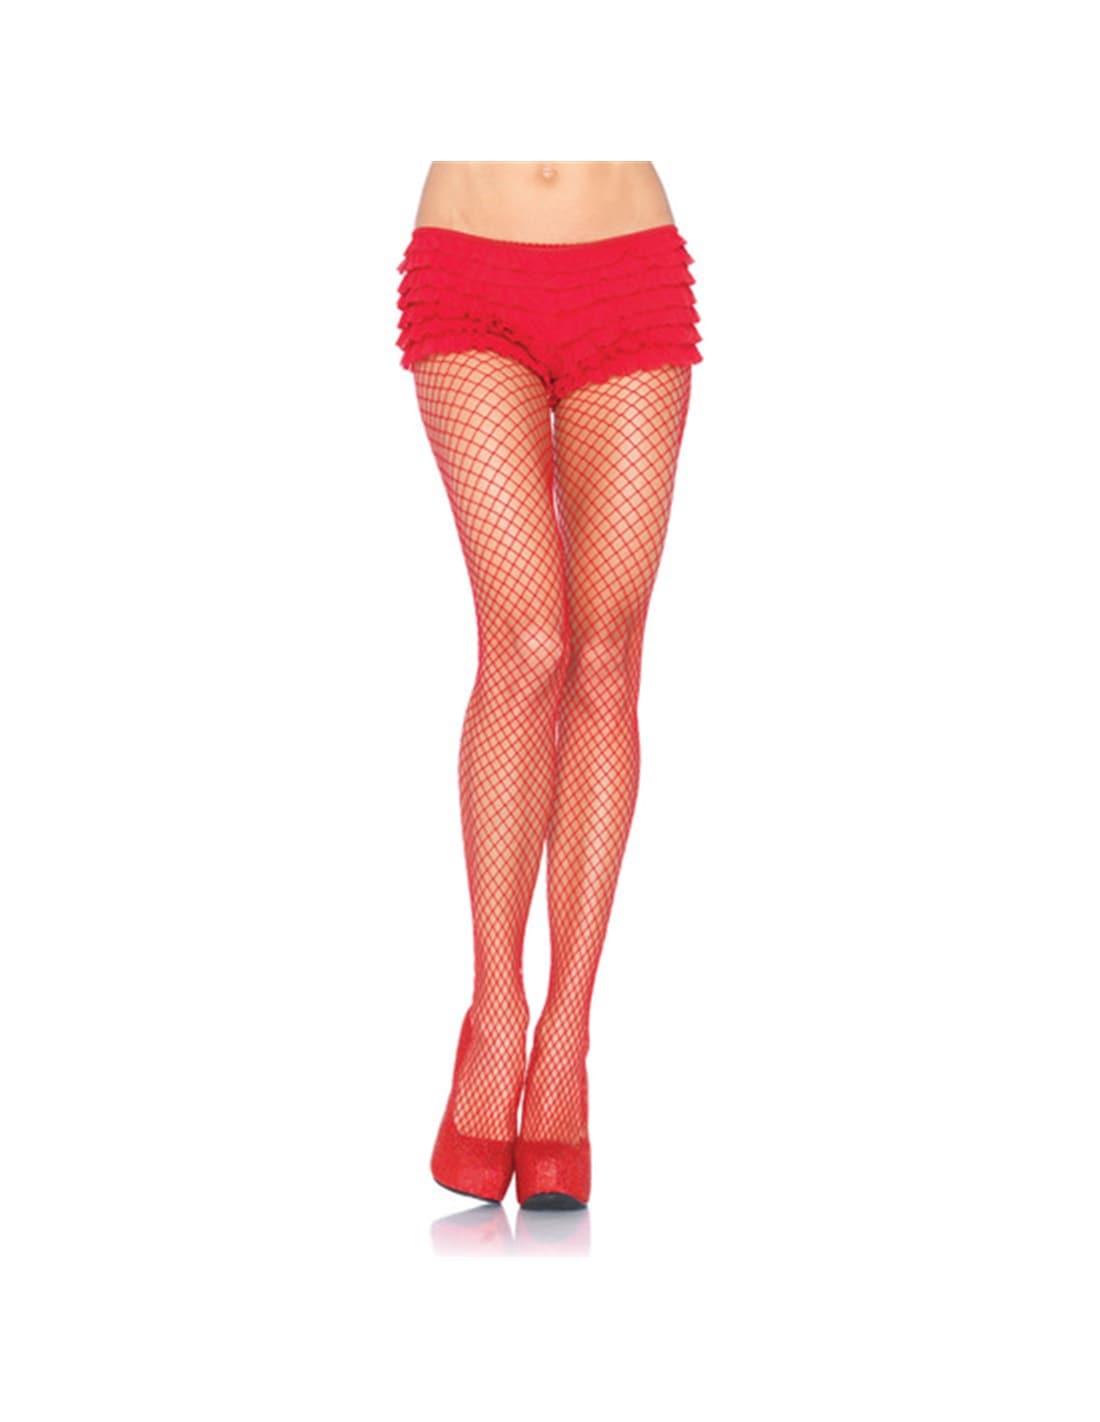 Collants de Rede Industrial Vermelhos - Vermelho - T. ÚNICO - PR2010323511